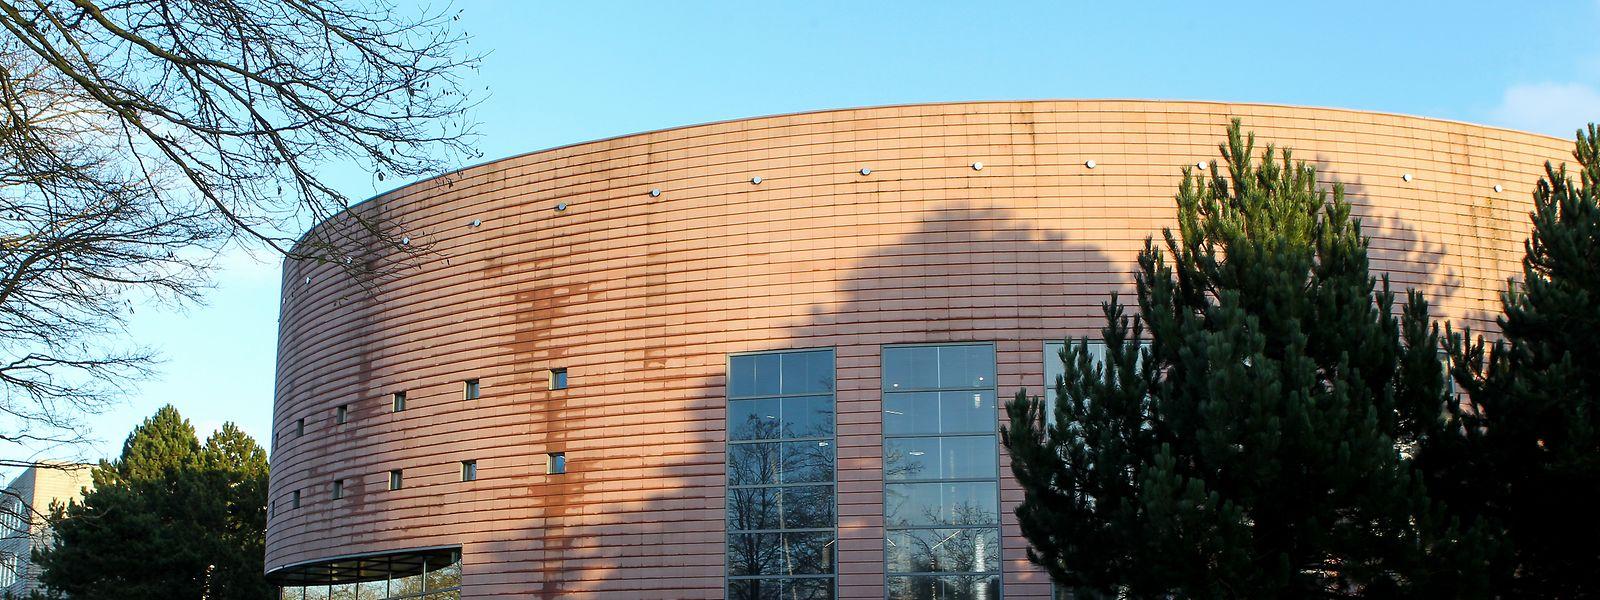 Une vingtaine d'étudiants de l'Ecole européenne de Luxembourg auraient été contaminés suite à un séjour aux Baléares.